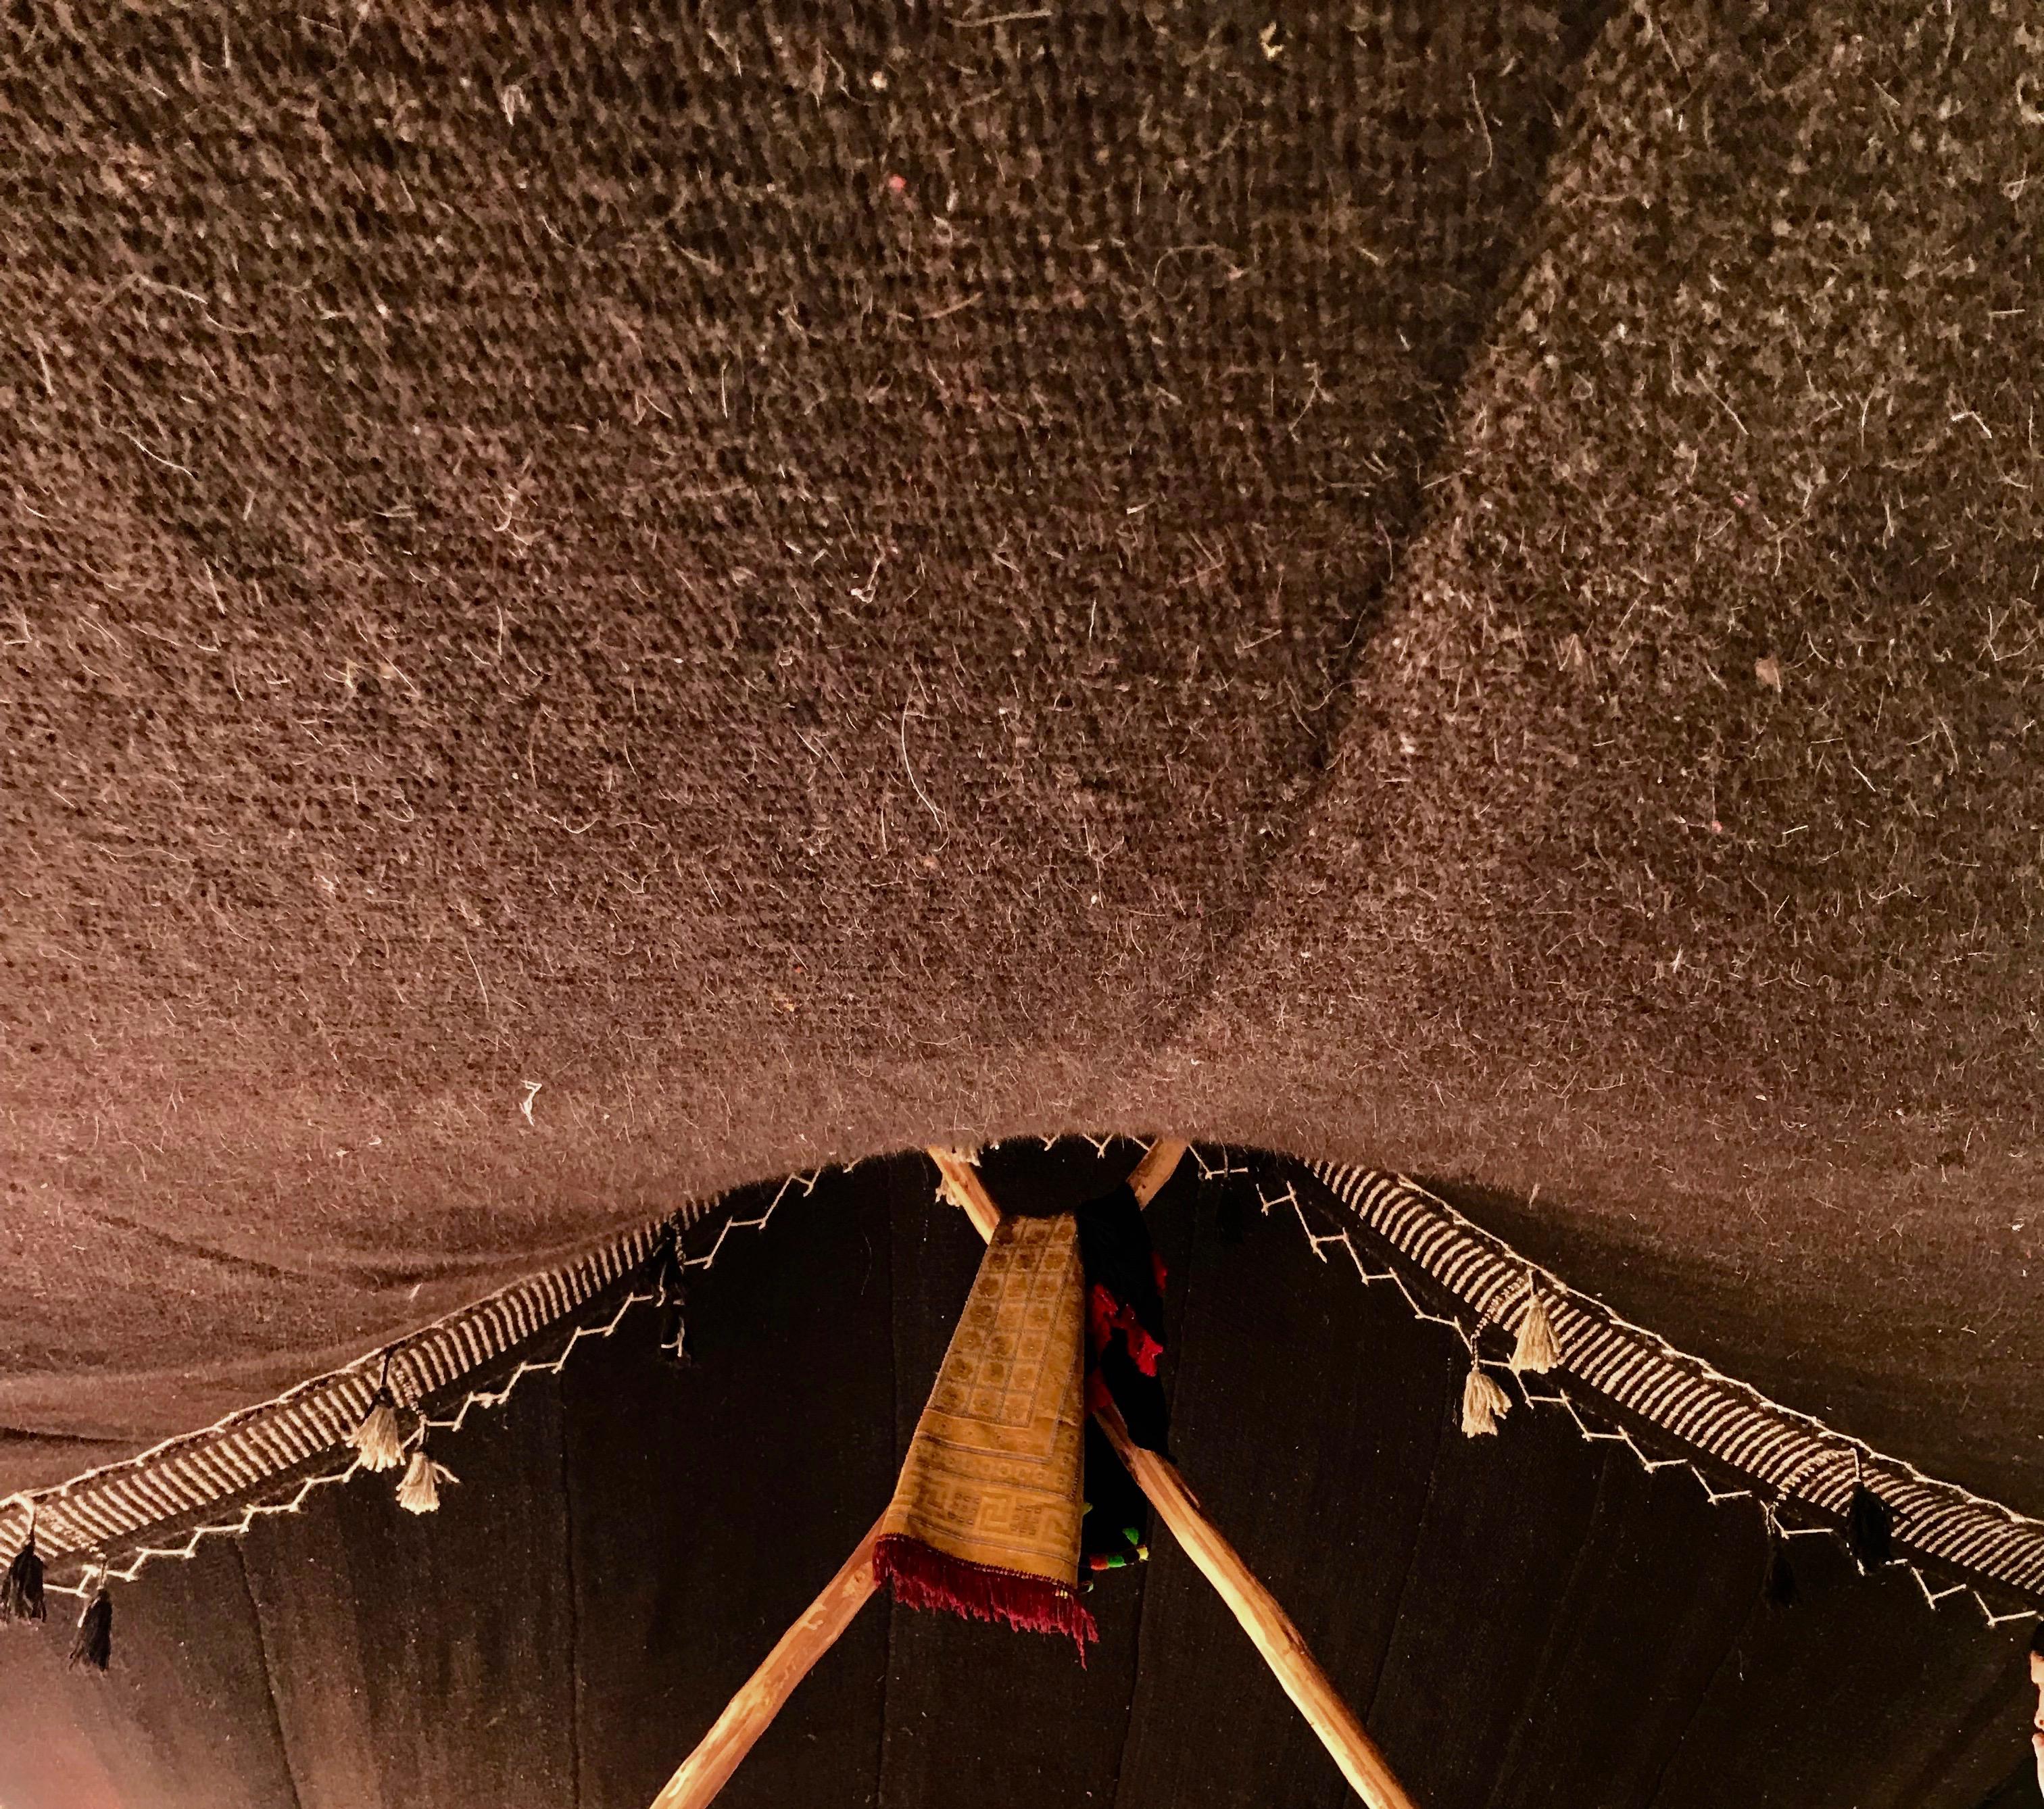 Bedouin tent inside roof